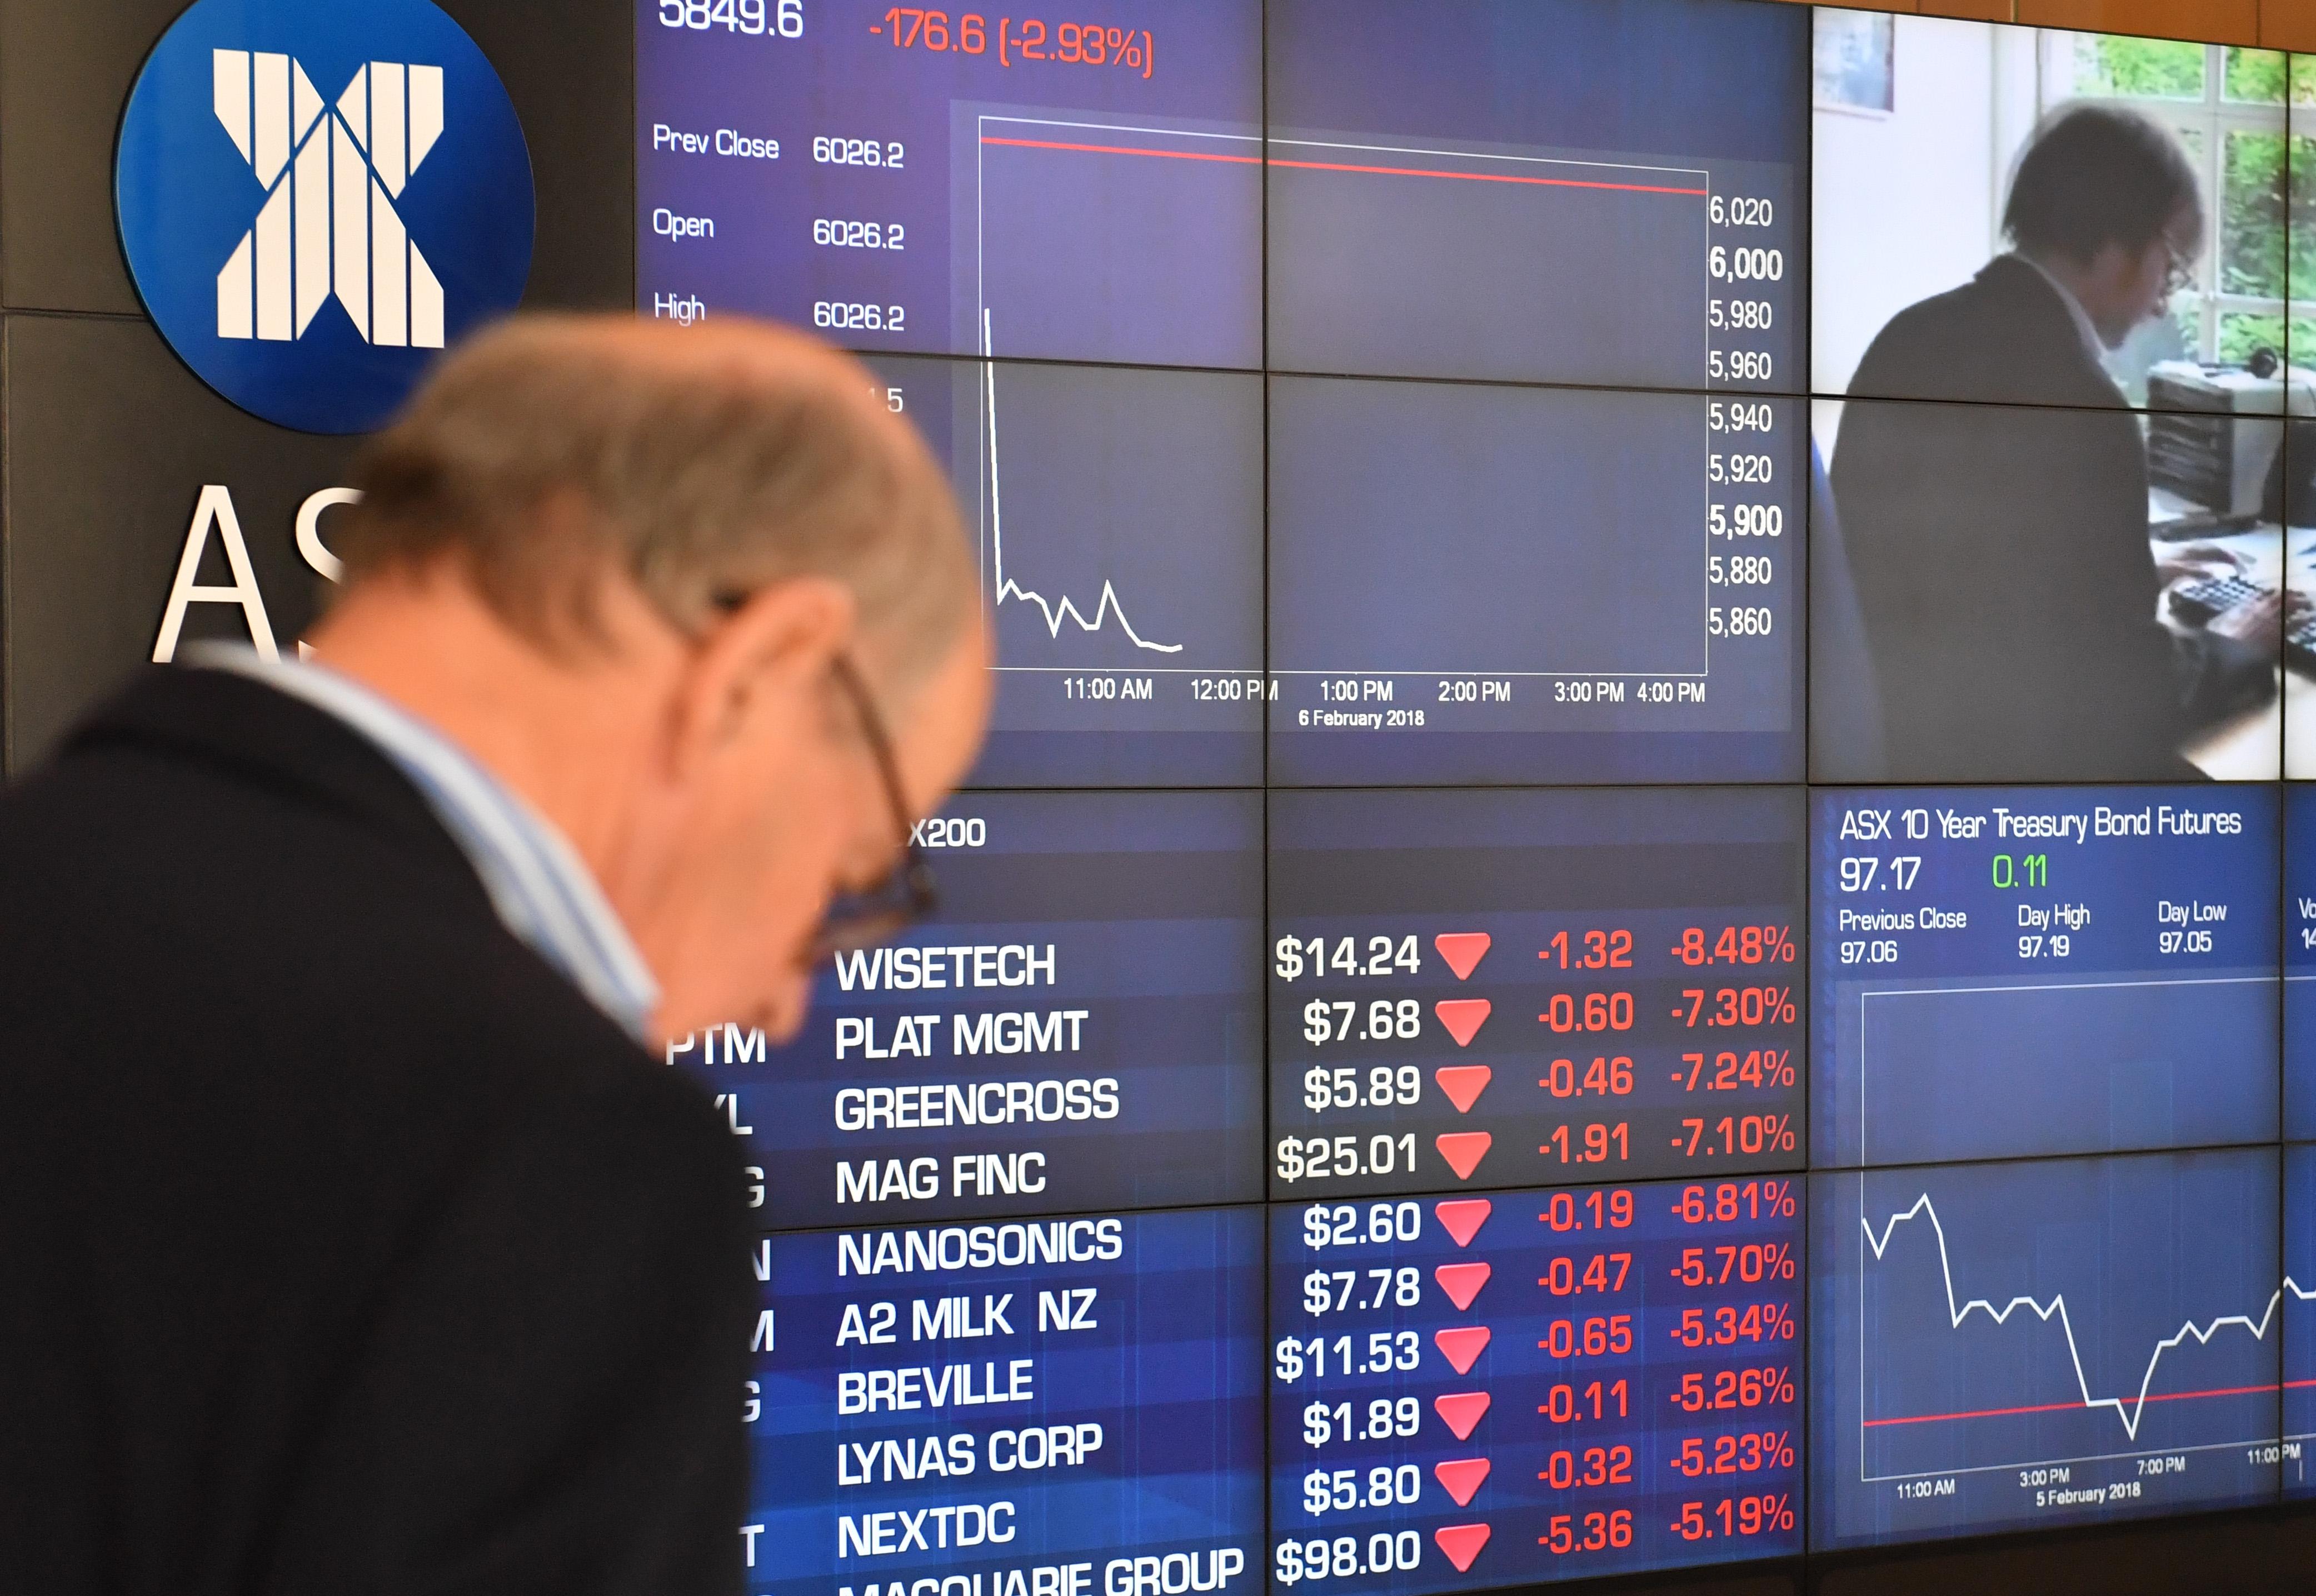 Bolsas mundiales: ¿Qué pasó en los últimos días? ¿A qué responden esos movimientos?